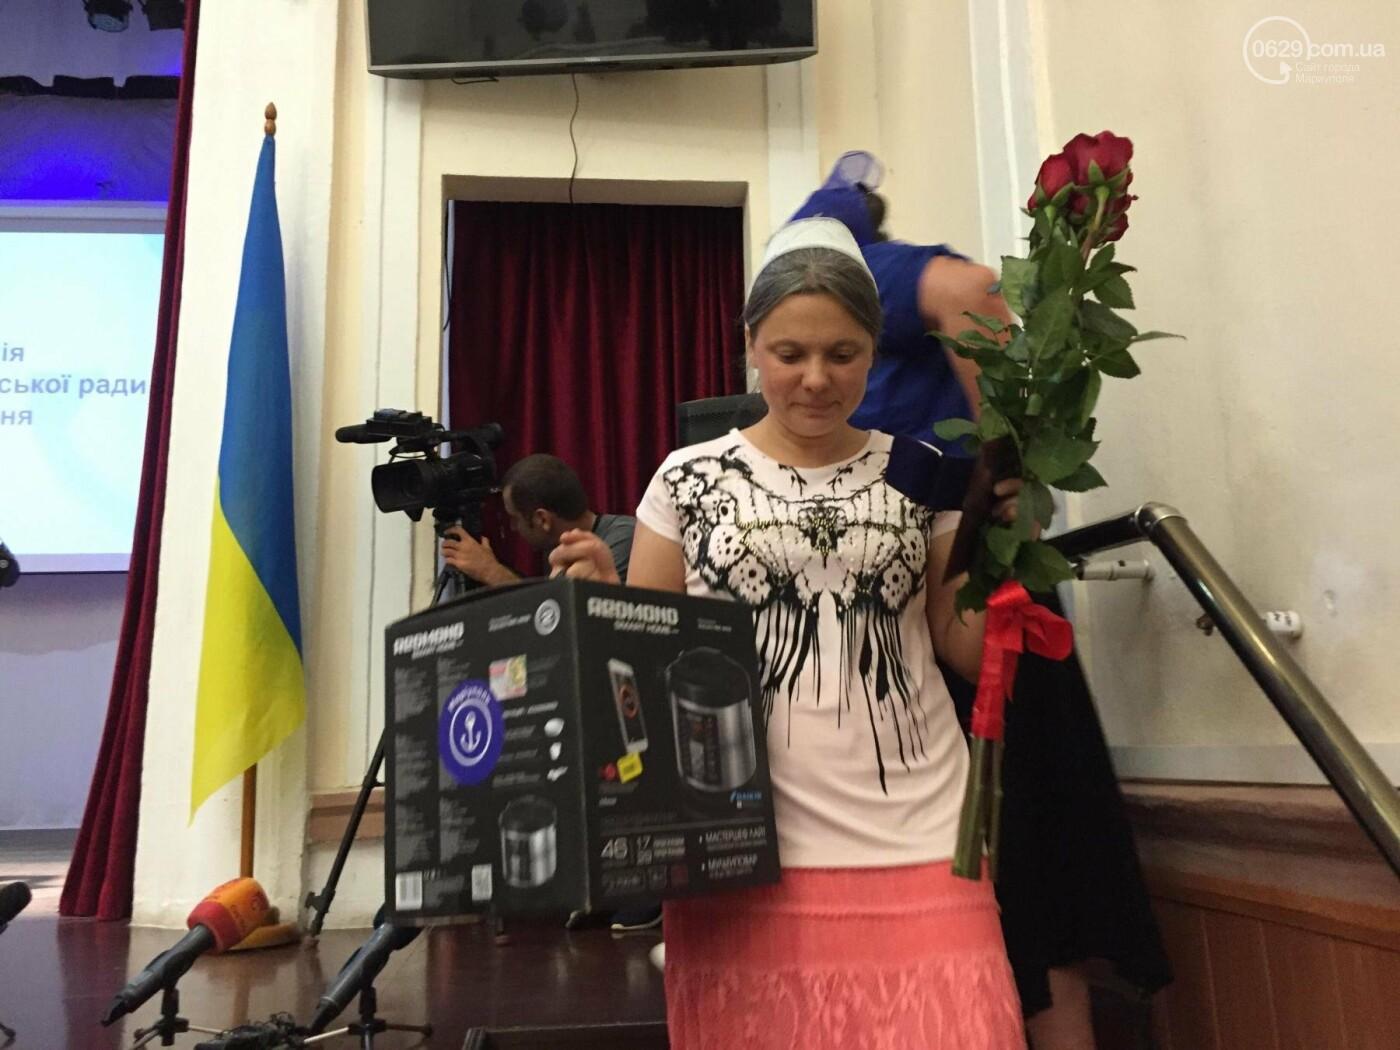 """В Мариуполе 8 женщин удостоились звания """"Мать-героиня"""", - ФОТО, ВИДЕО, фото-4"""